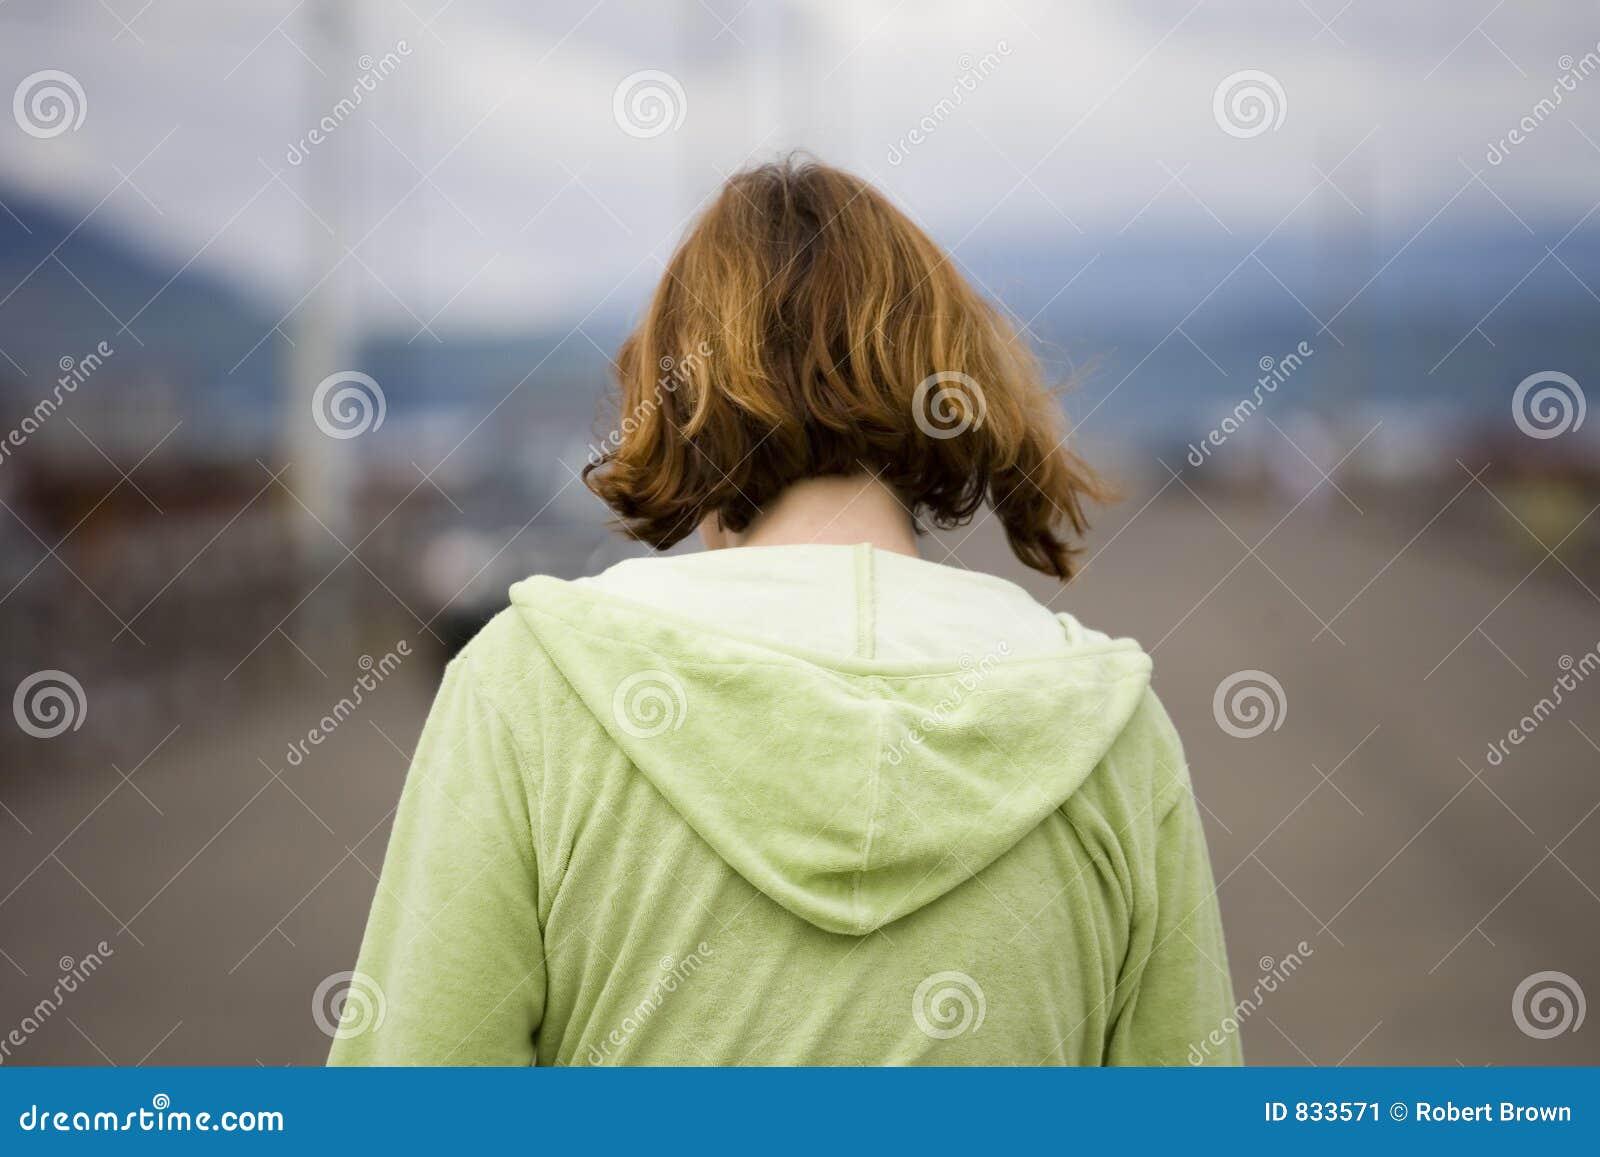 Woman Walking on a Pier